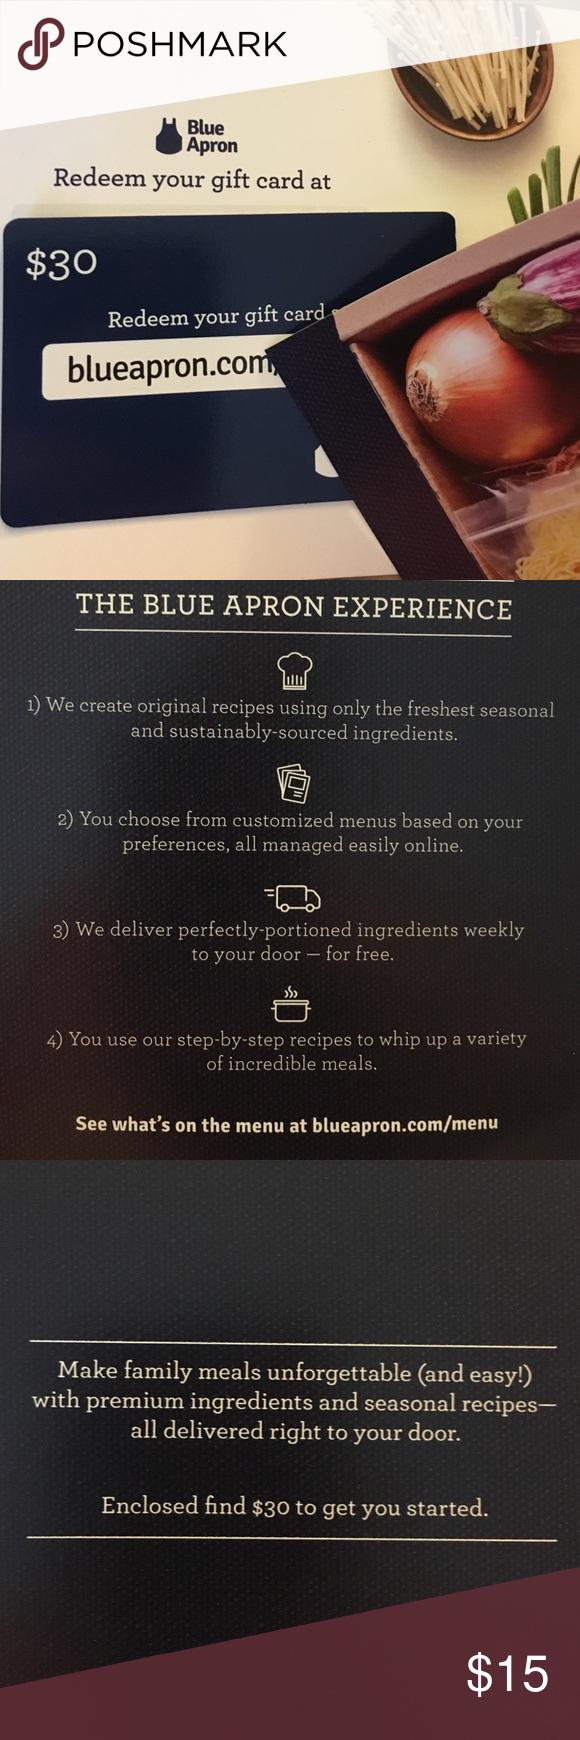 Blue apron offer - Offer Me White House Black Market Bag Blue Apronmarket